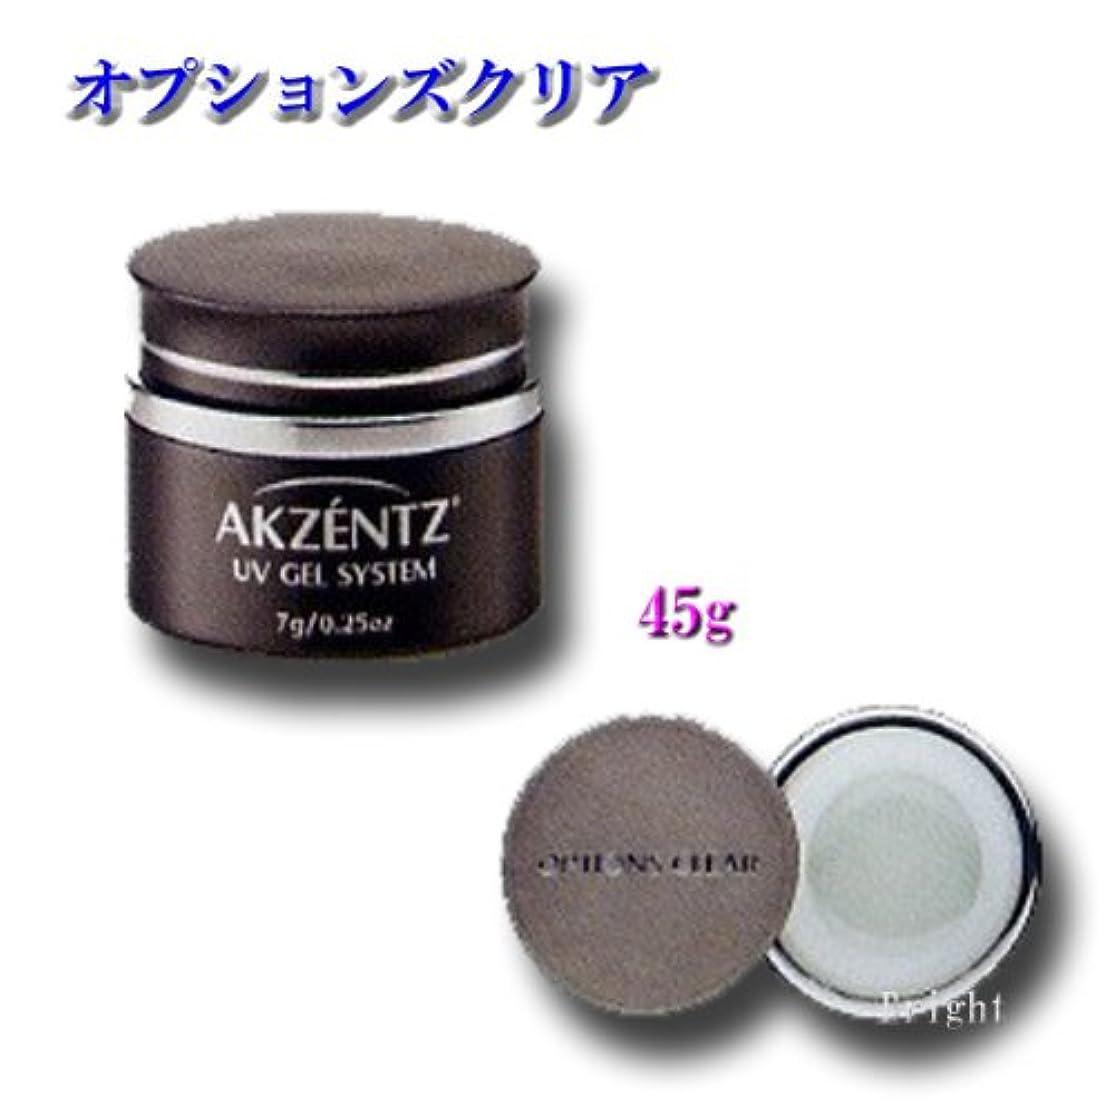 セラフ然としたブランチアクセンツ(AKZENTZ) オプションズ クリア 45g